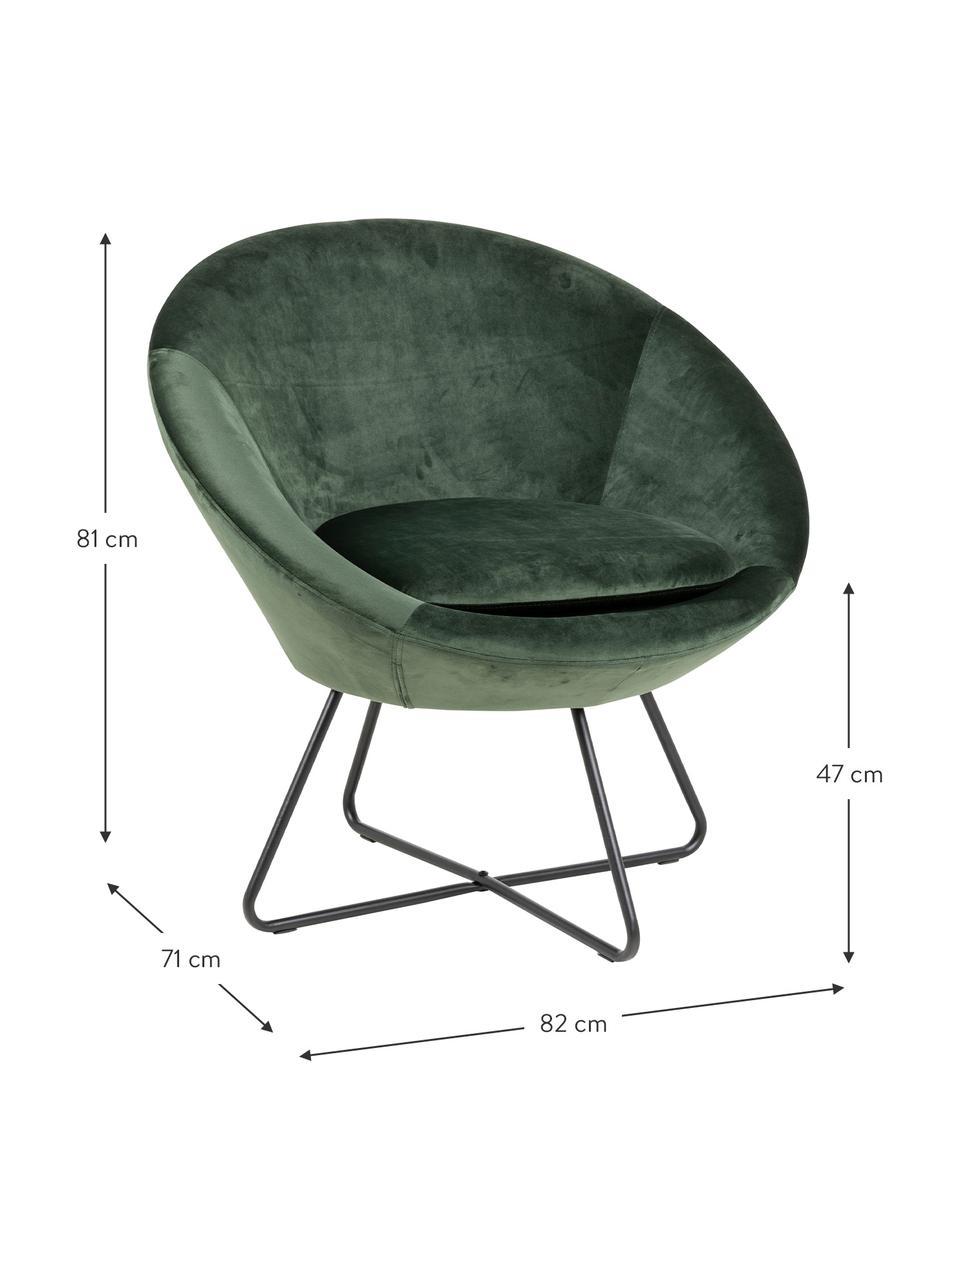 Fluwelen fauteuil Center in groen, Bekleding: polyester fluweel, Frame: gepoedercoat metaal, Fluweel bosgroen, 82 x 71 cm